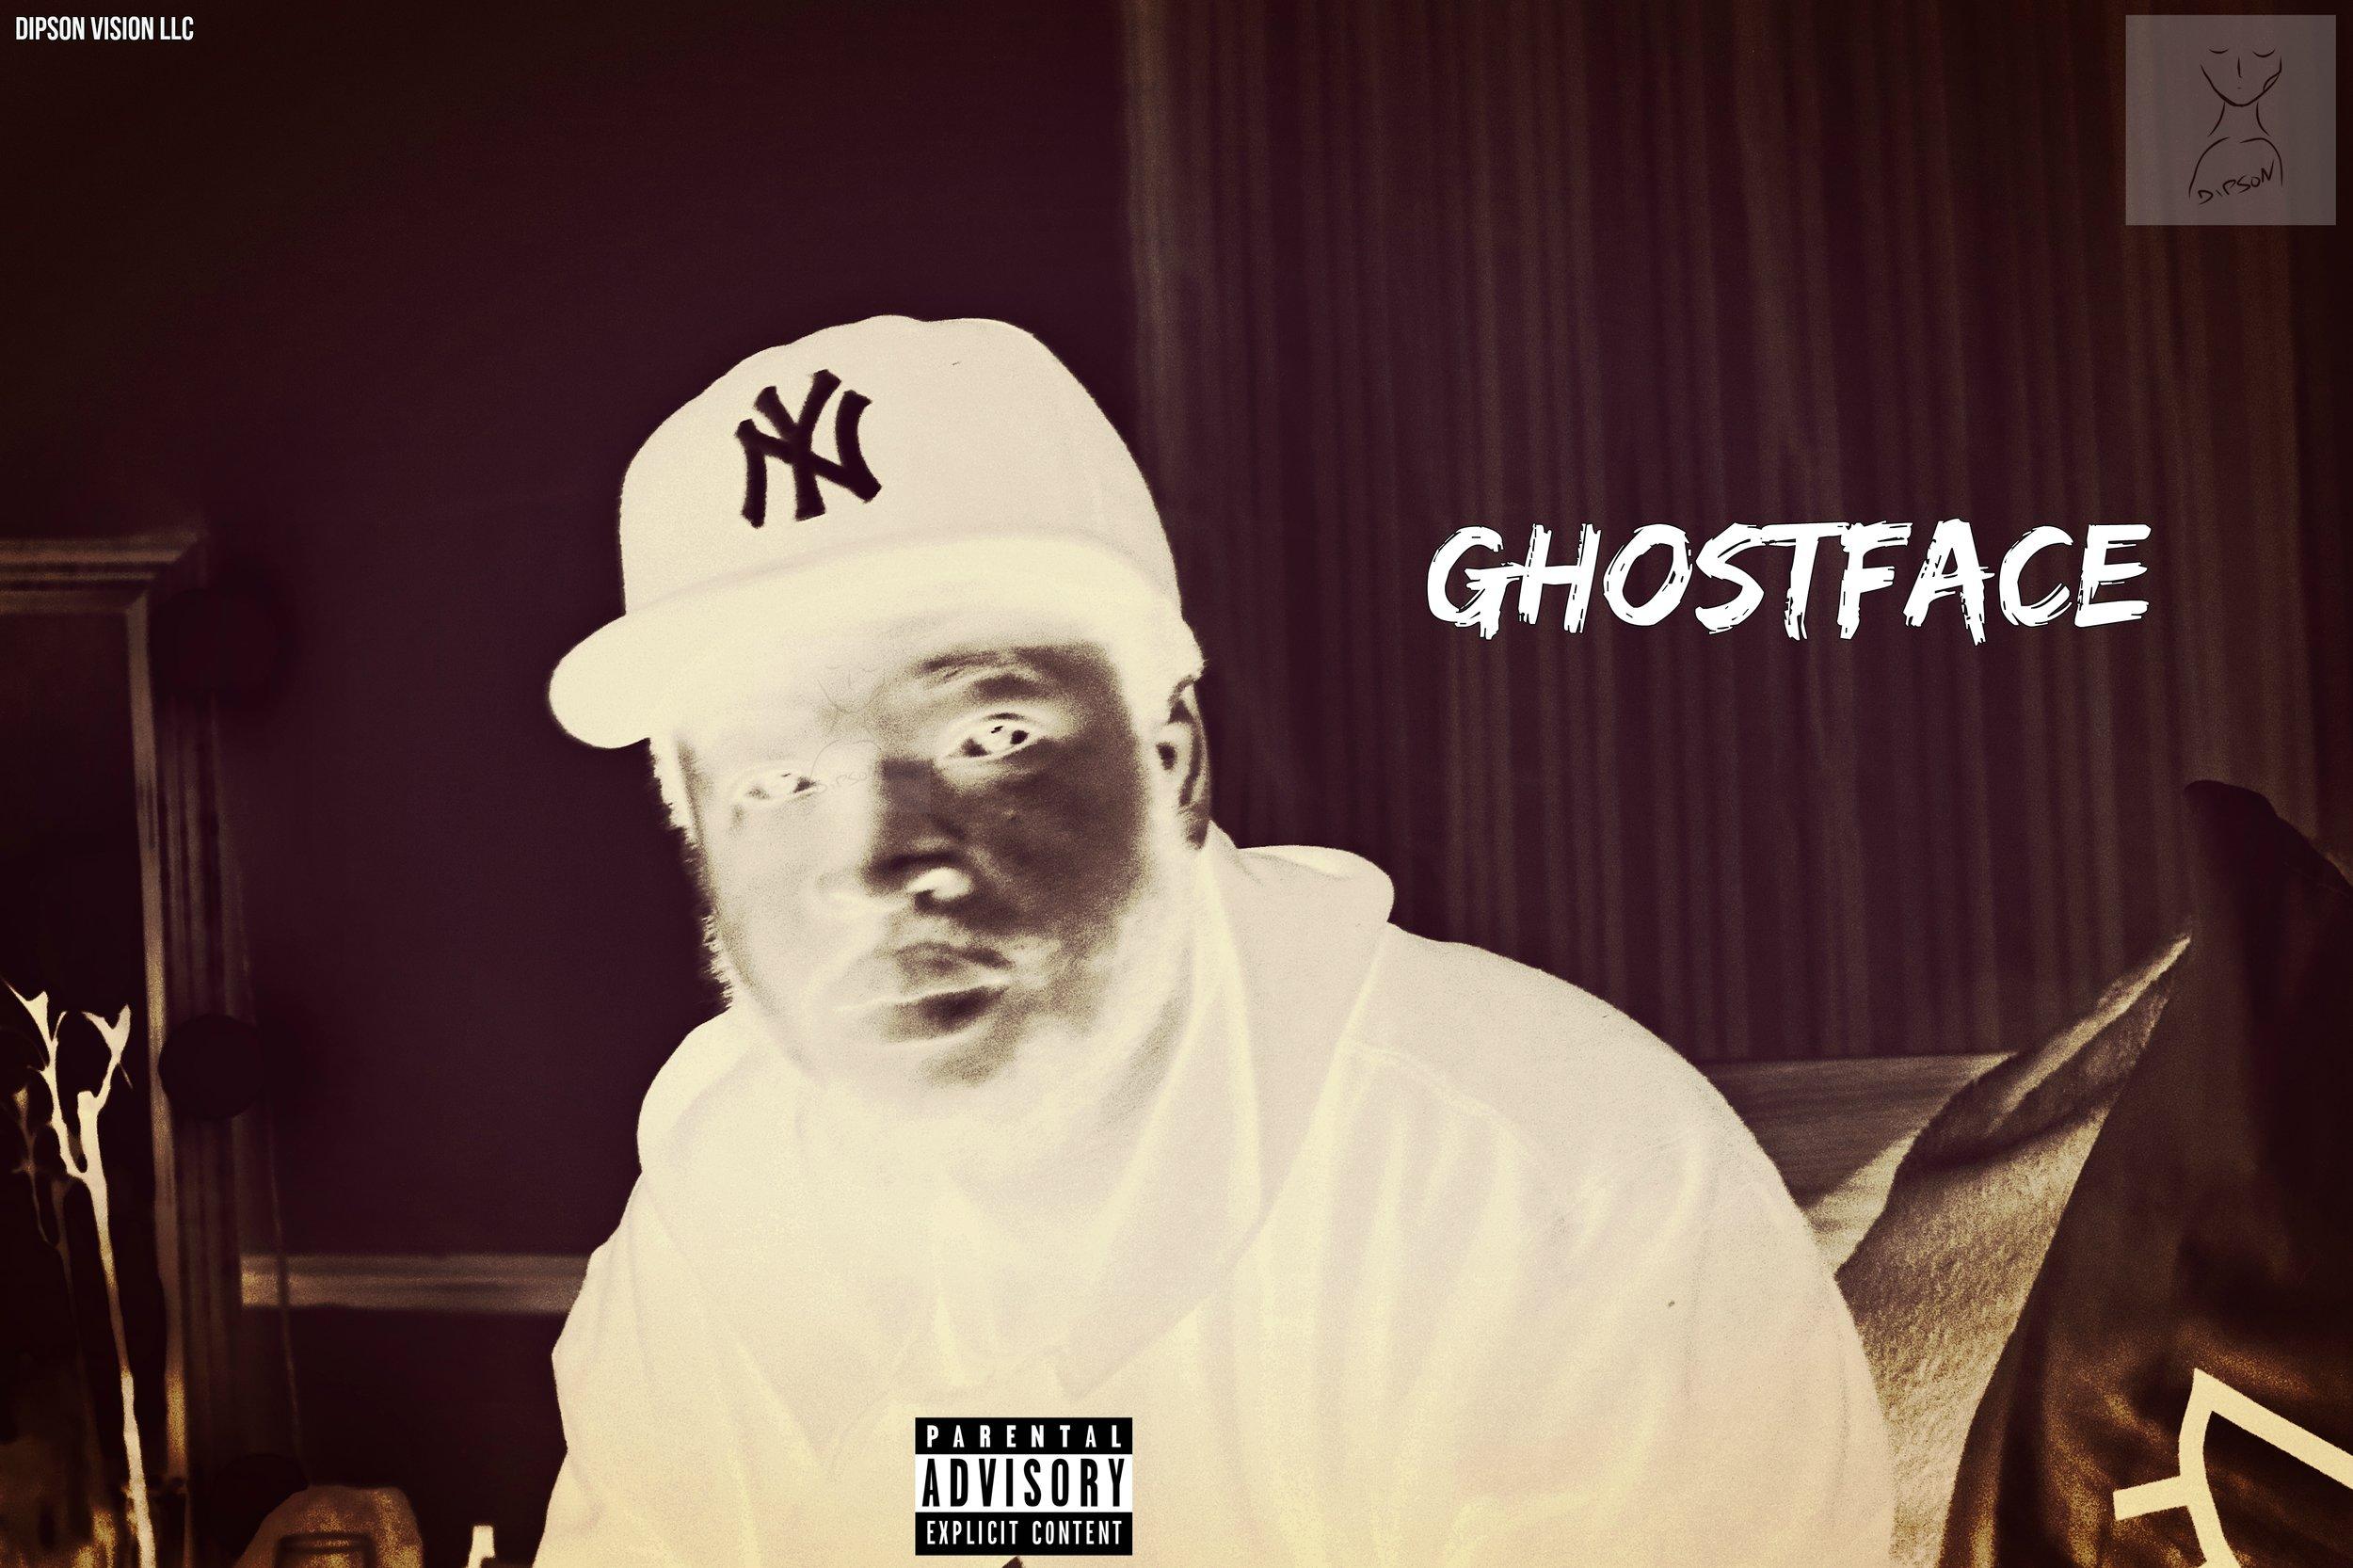 ghostface002.jpg